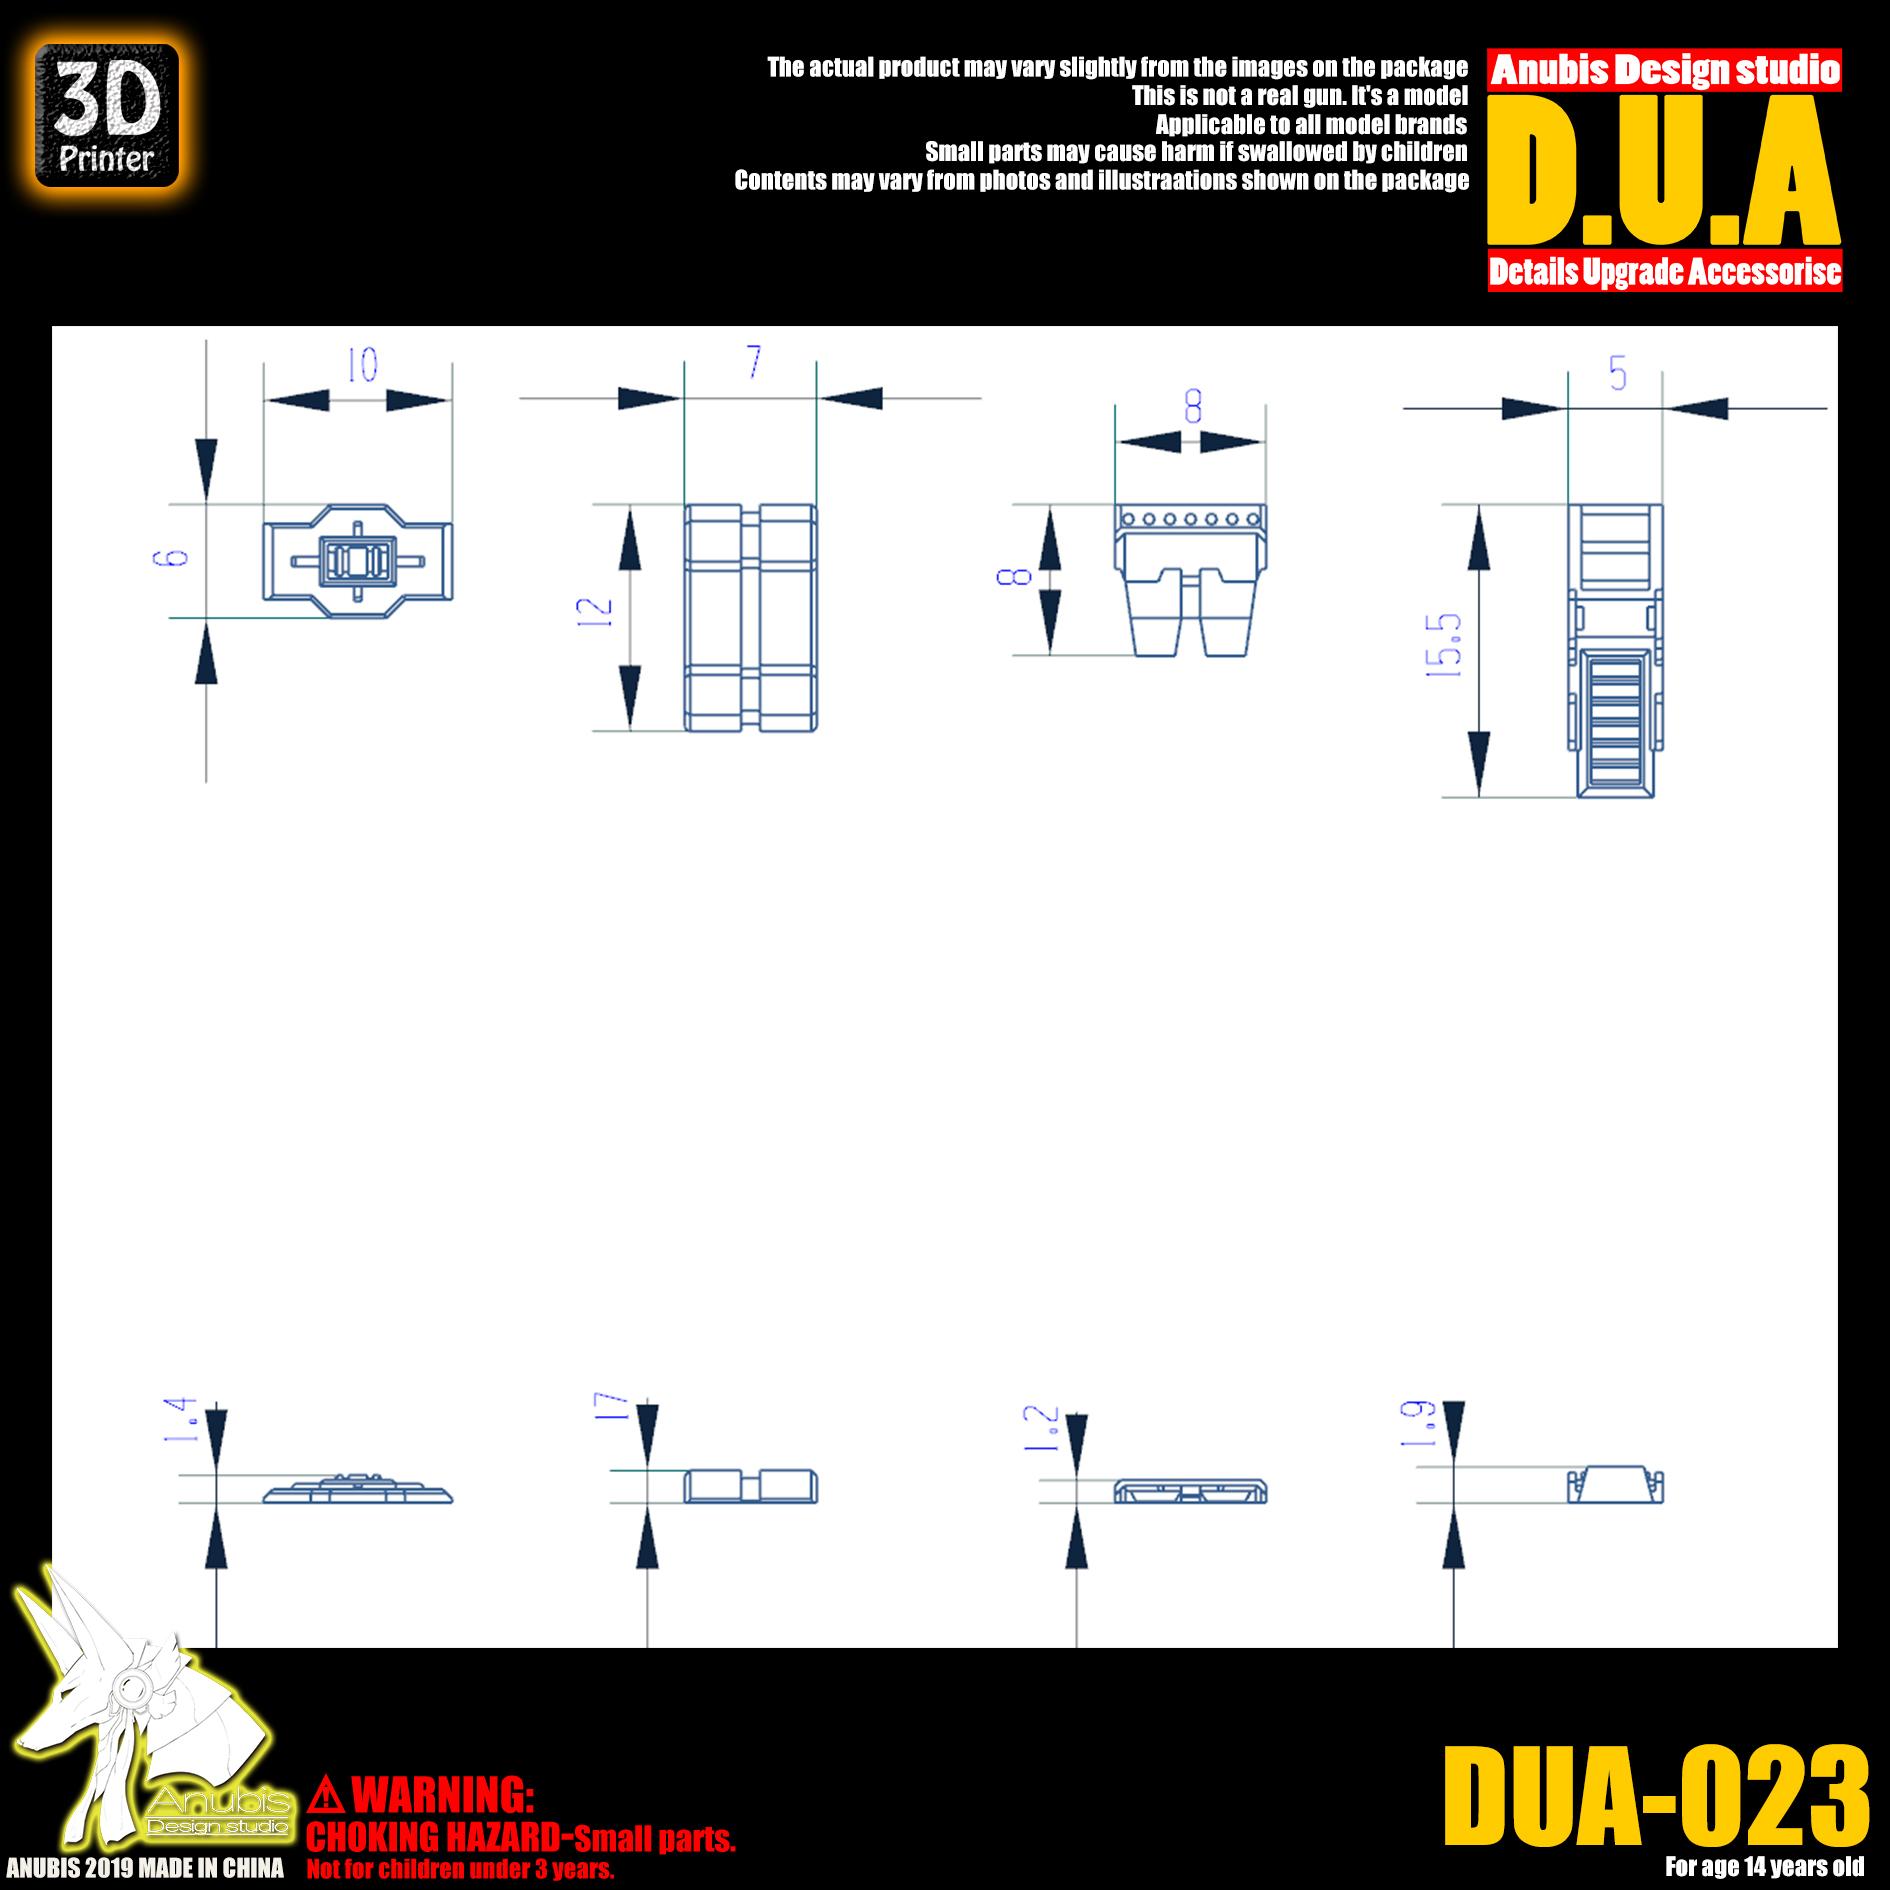 G413_DUA023_004.jpg